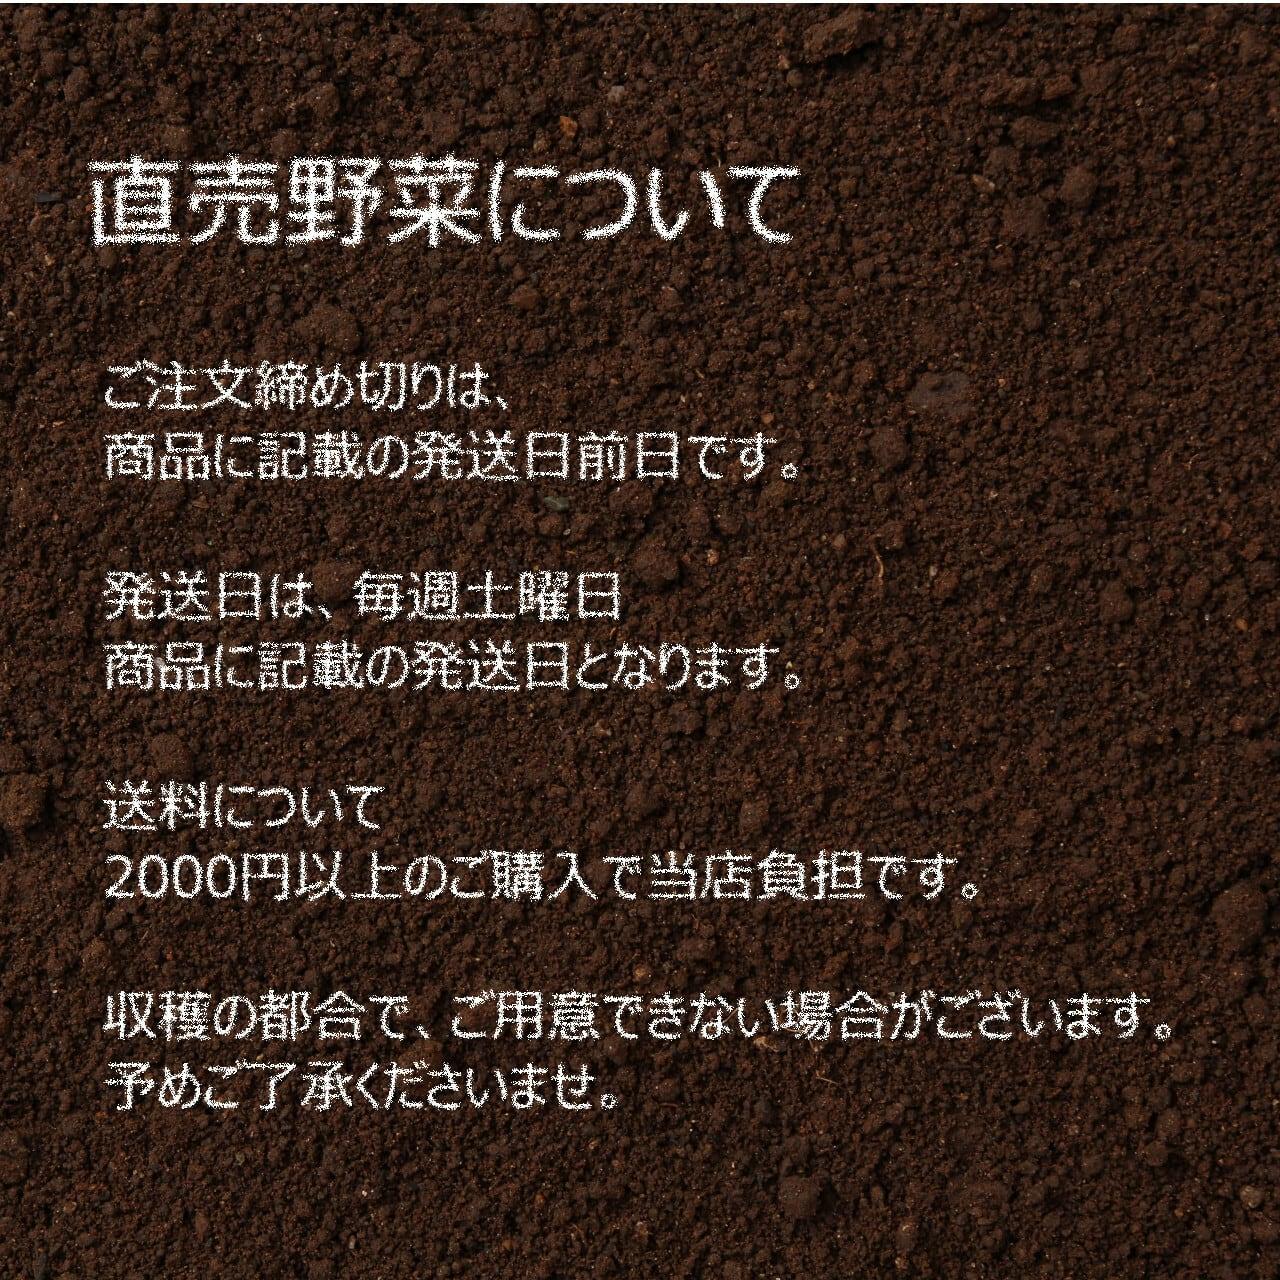 11月の朝採り直売野菜 : 食用菊 約250g 新鮮な冬野菜 11月21日発送予定